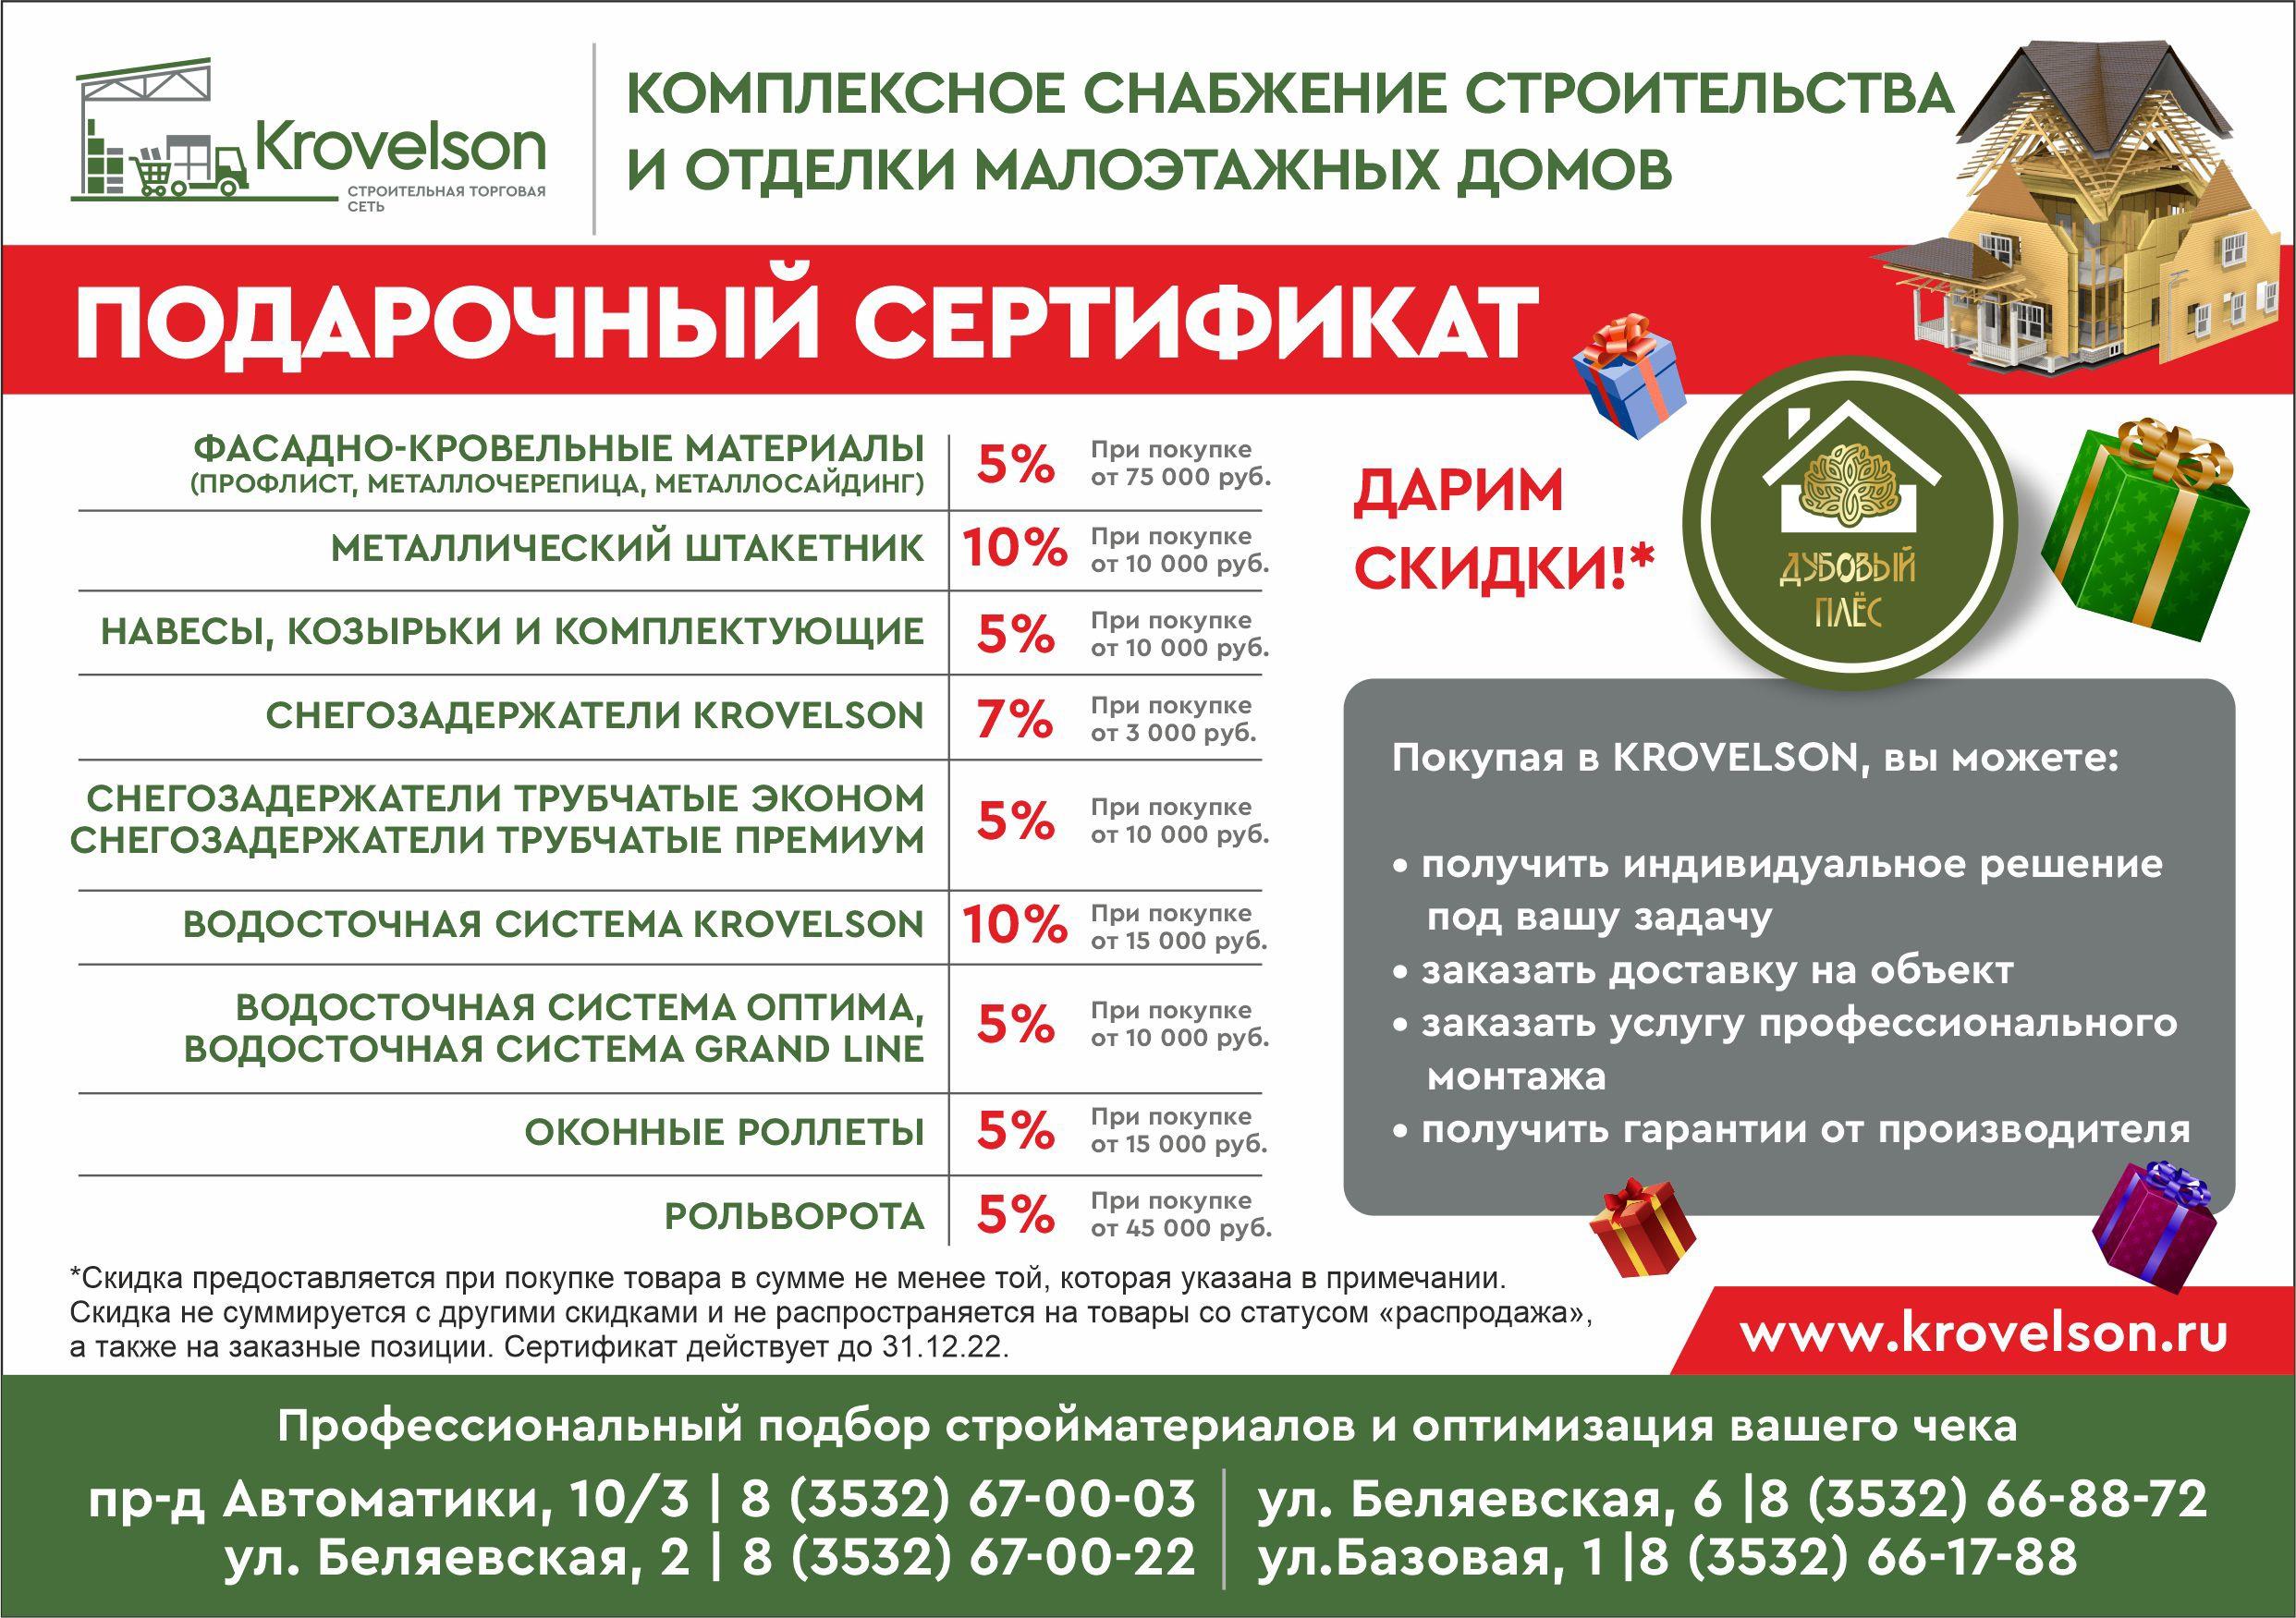 кровельсон сертификат